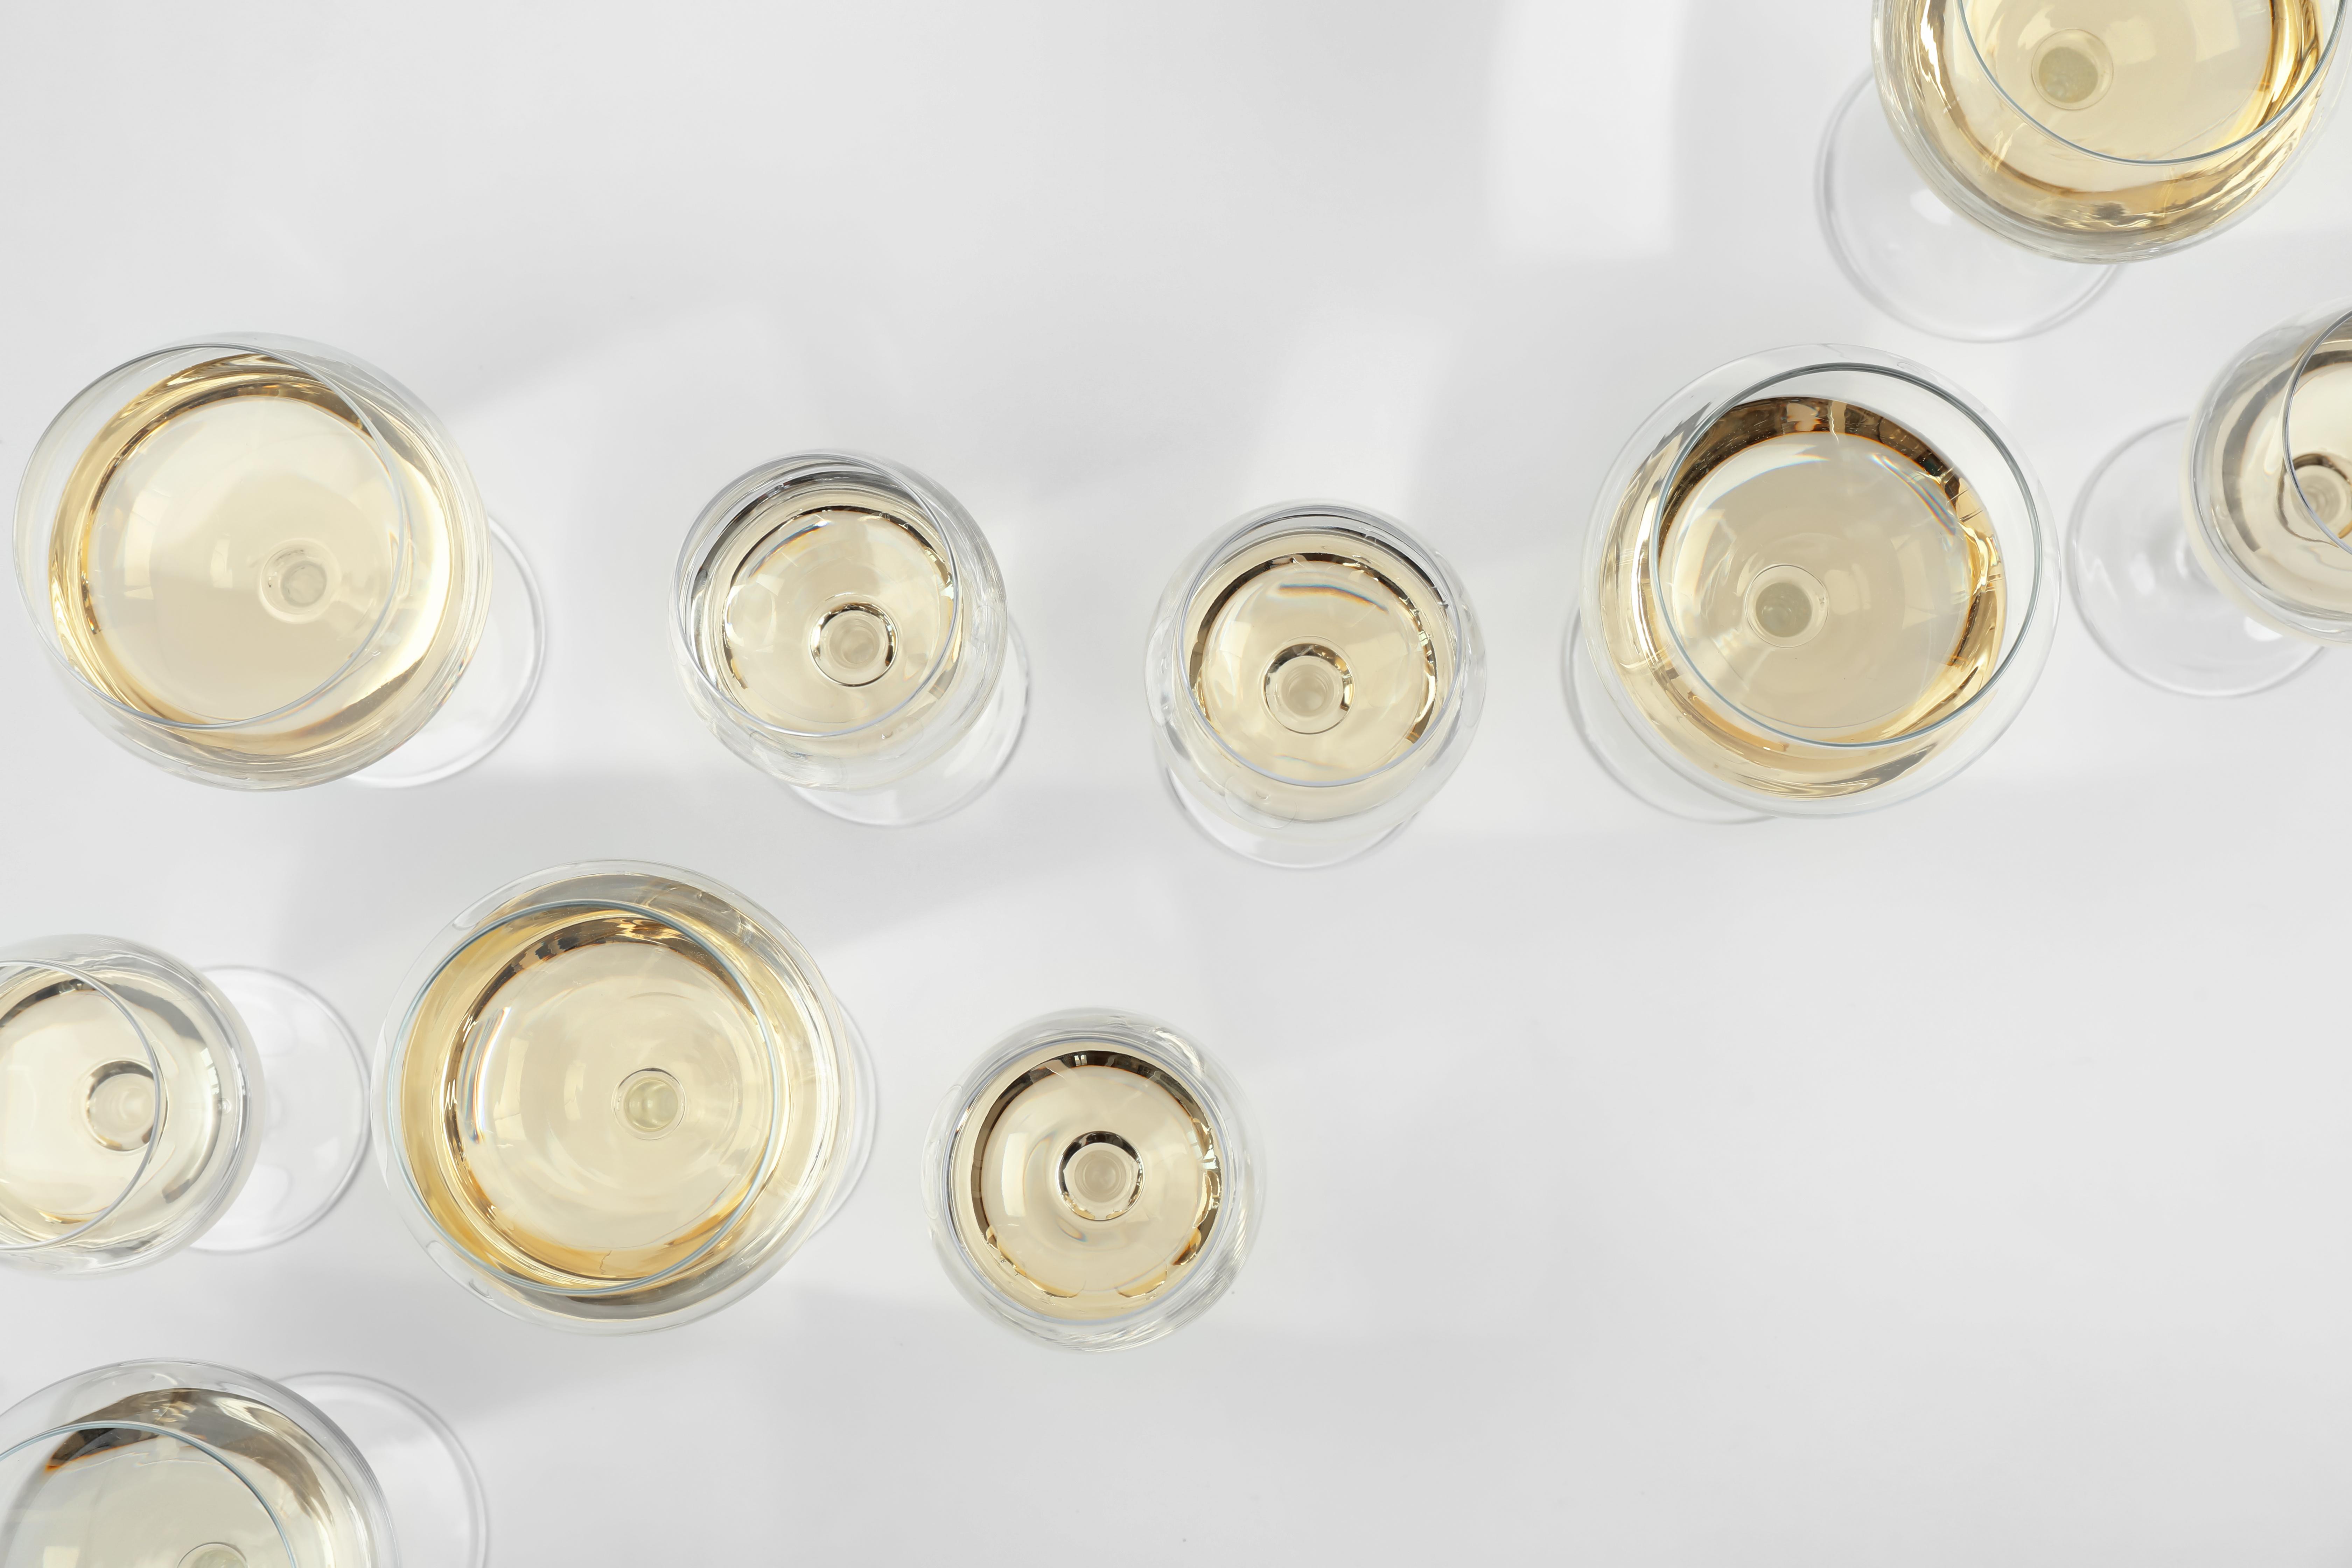 verschiedene Weingläser gefüllt mit Weißwein